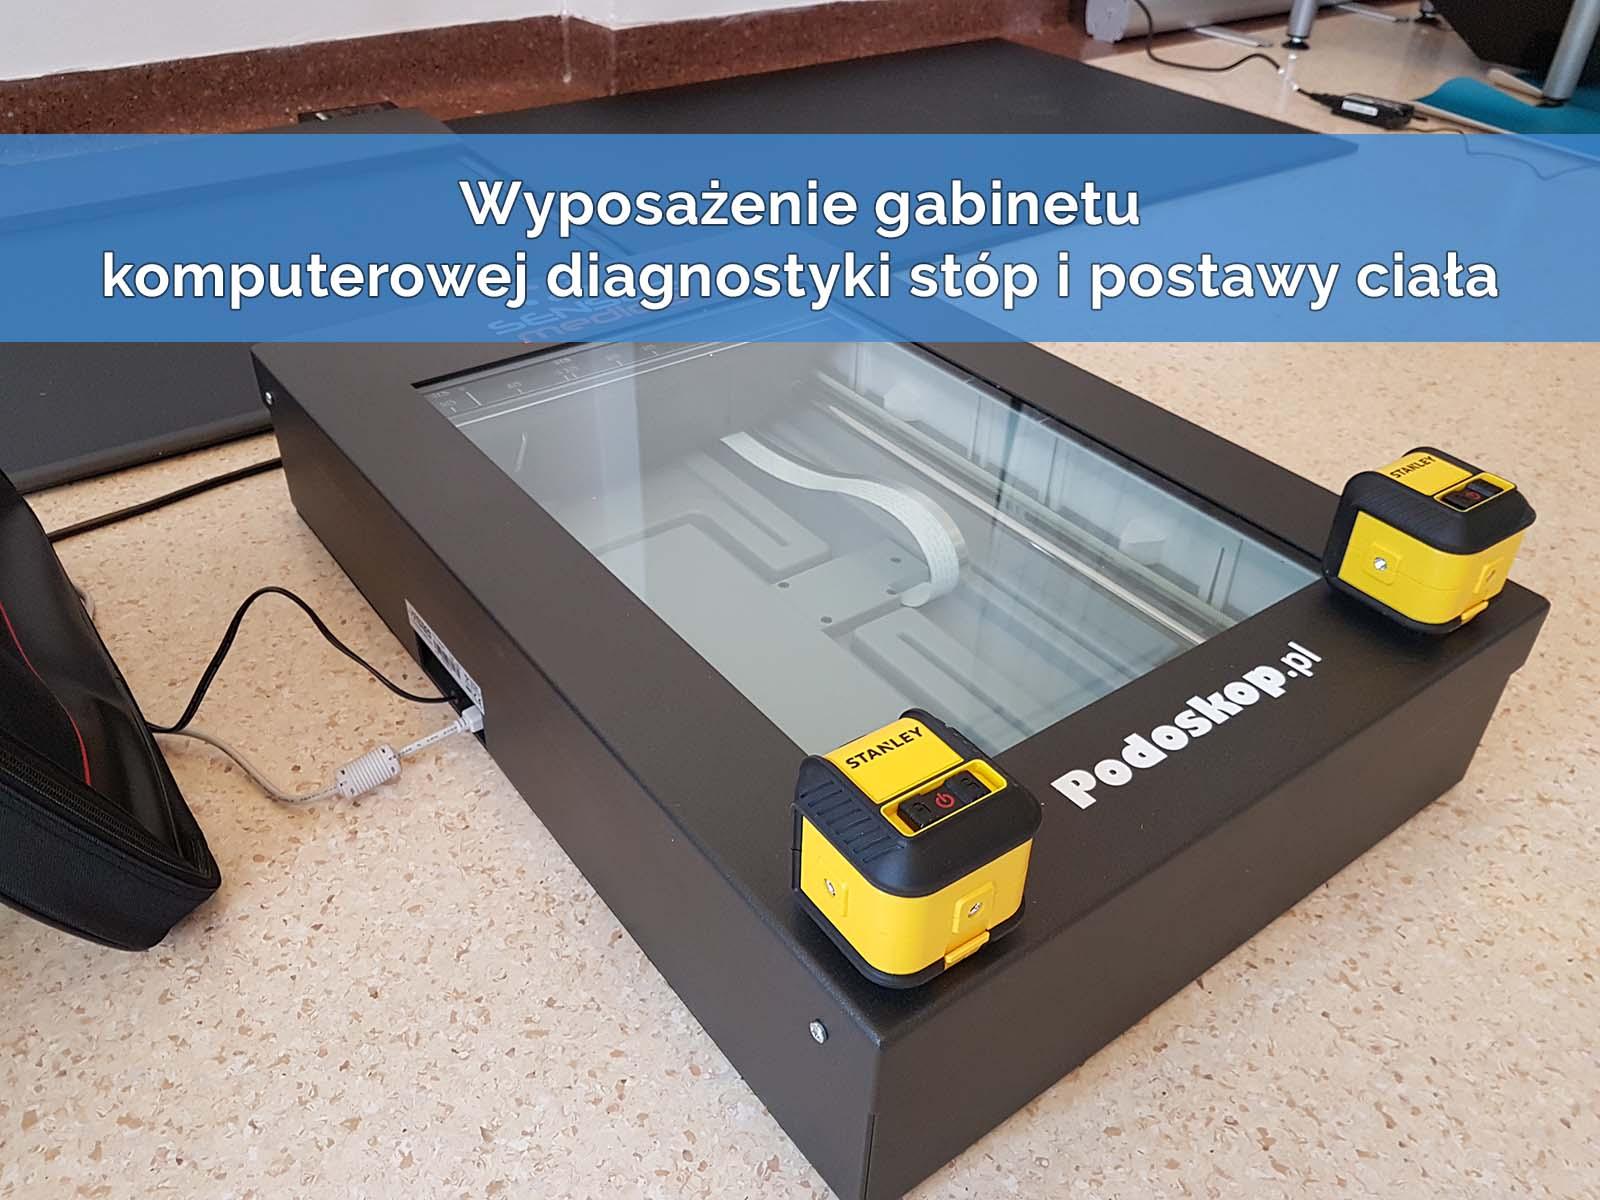 Wyposażenie gabinetu – Platforma FreeMED EXTREME 240 + Wkładki tensometryczne FlexInFeet